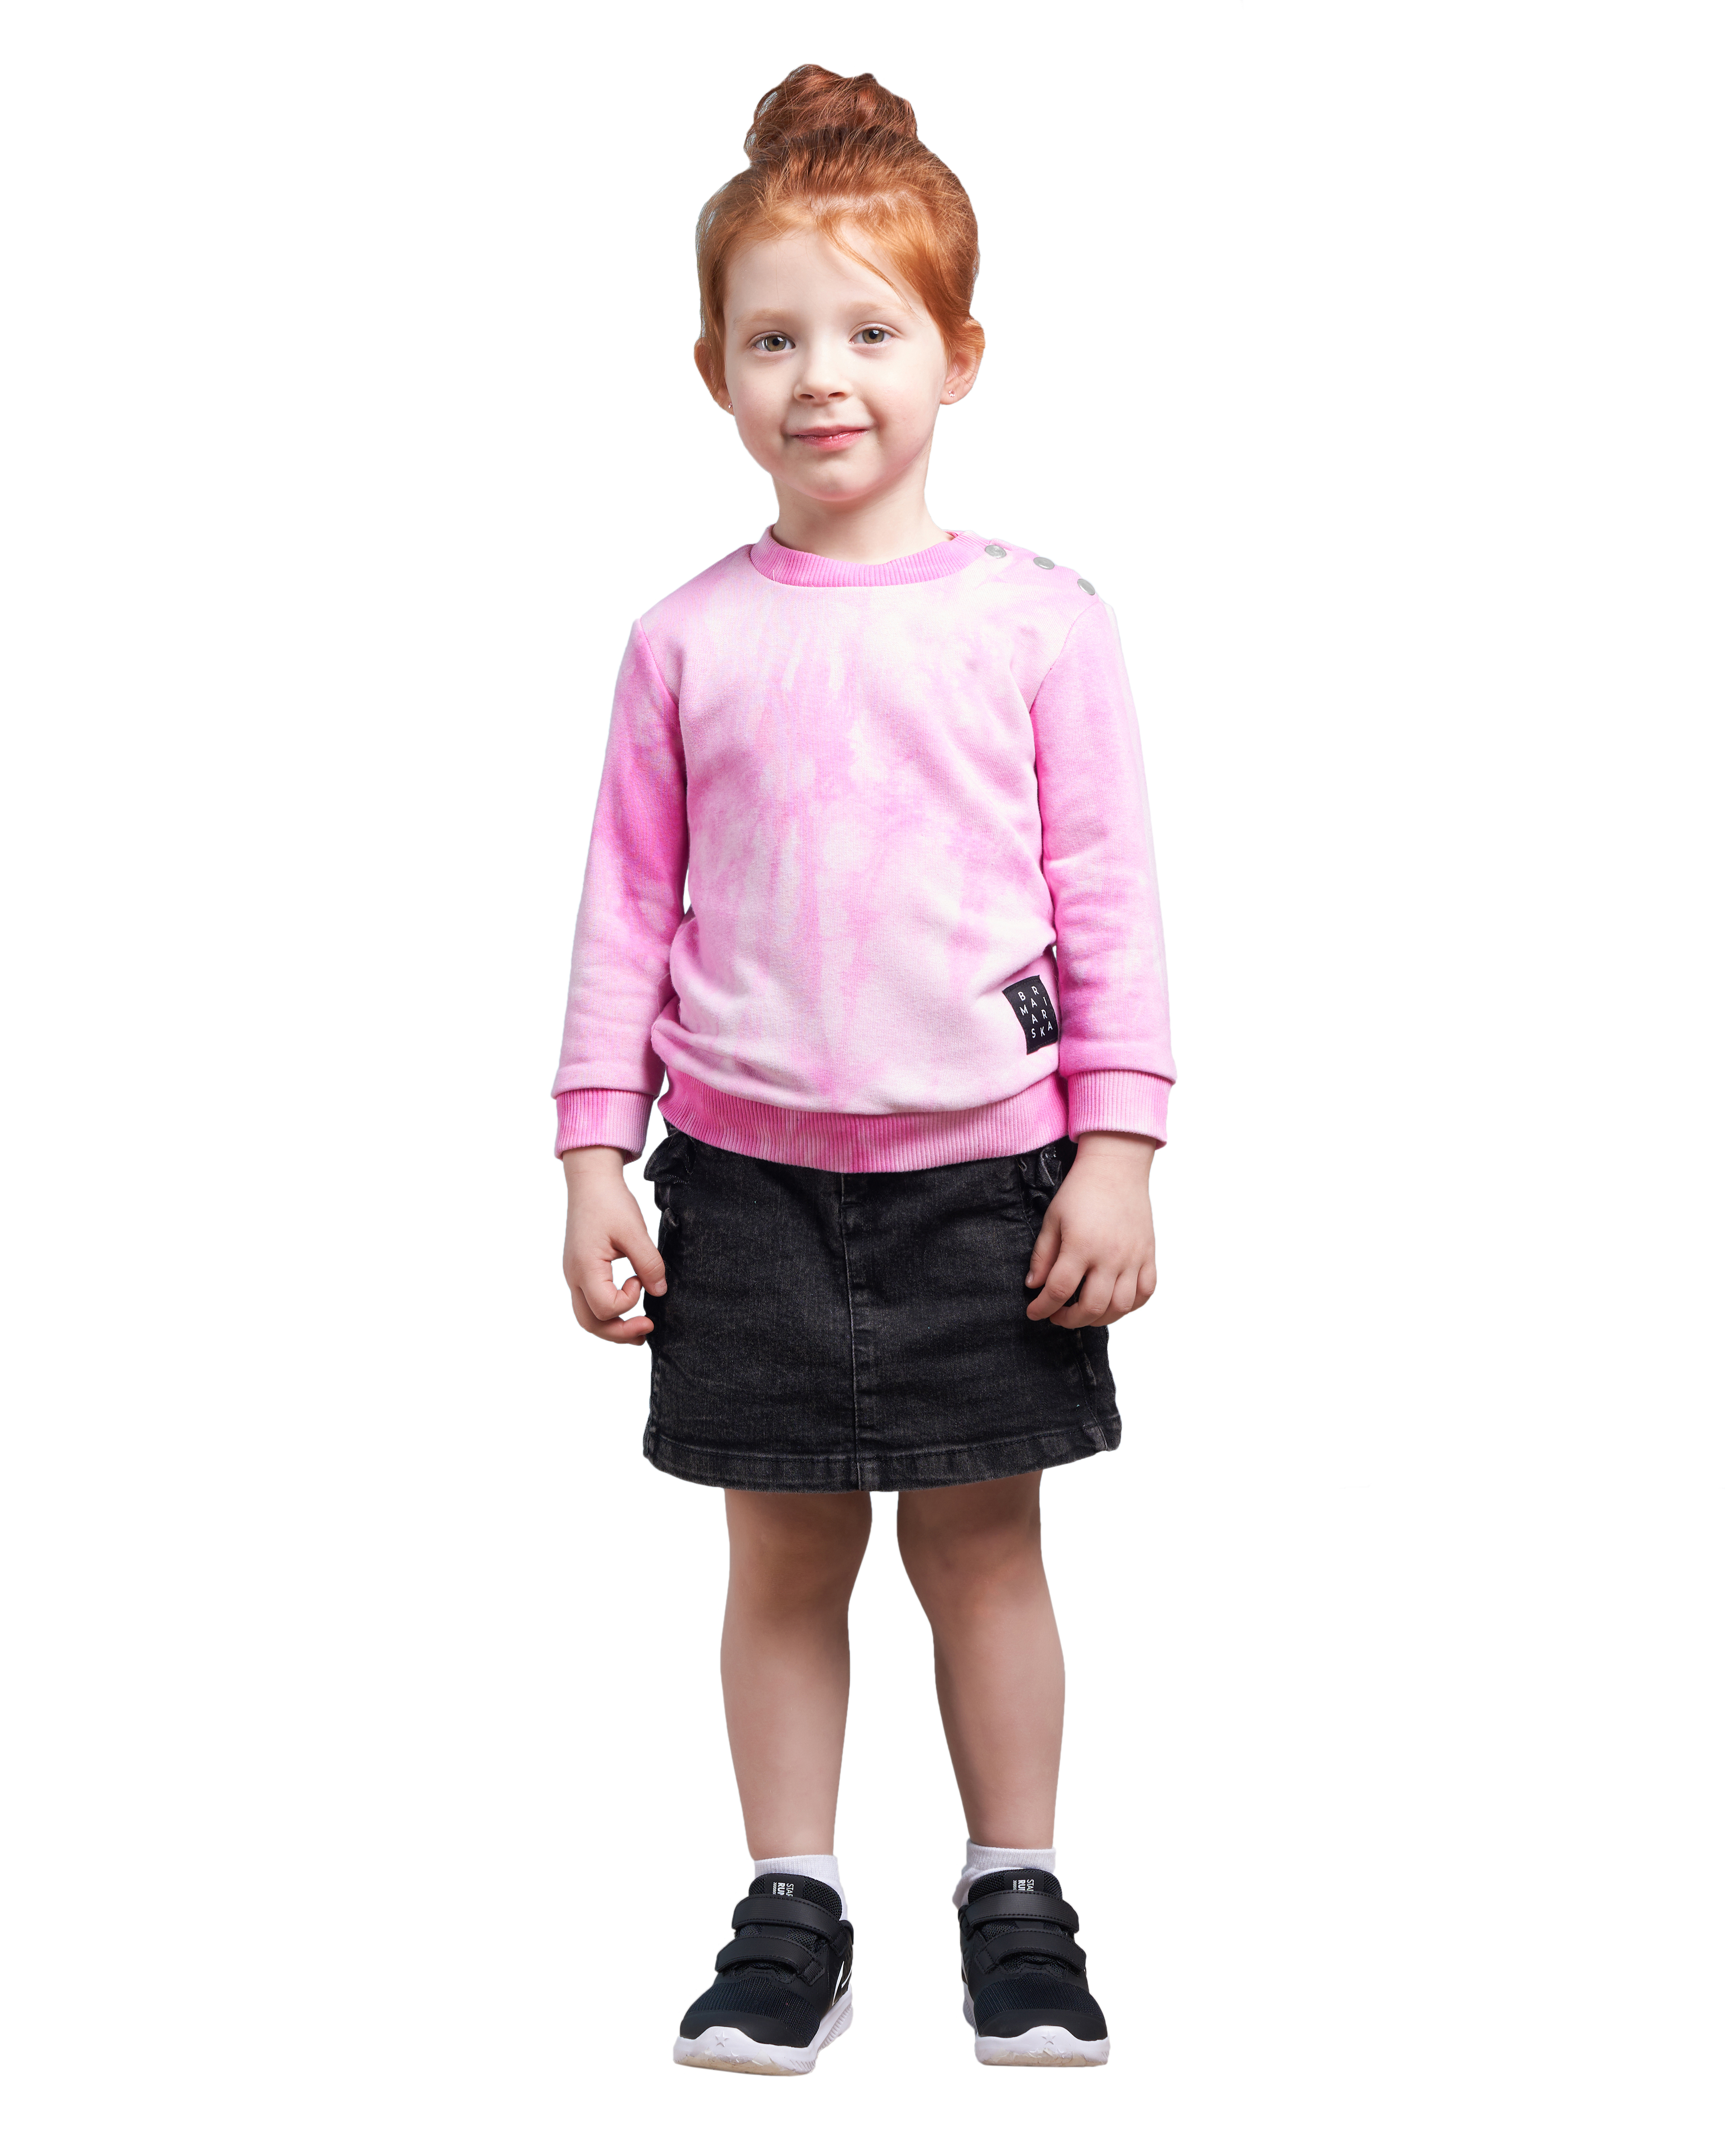 Купить Свитшот детский BARMARISKA Тай Дай розовый р.110-116, Толстовки для девочек